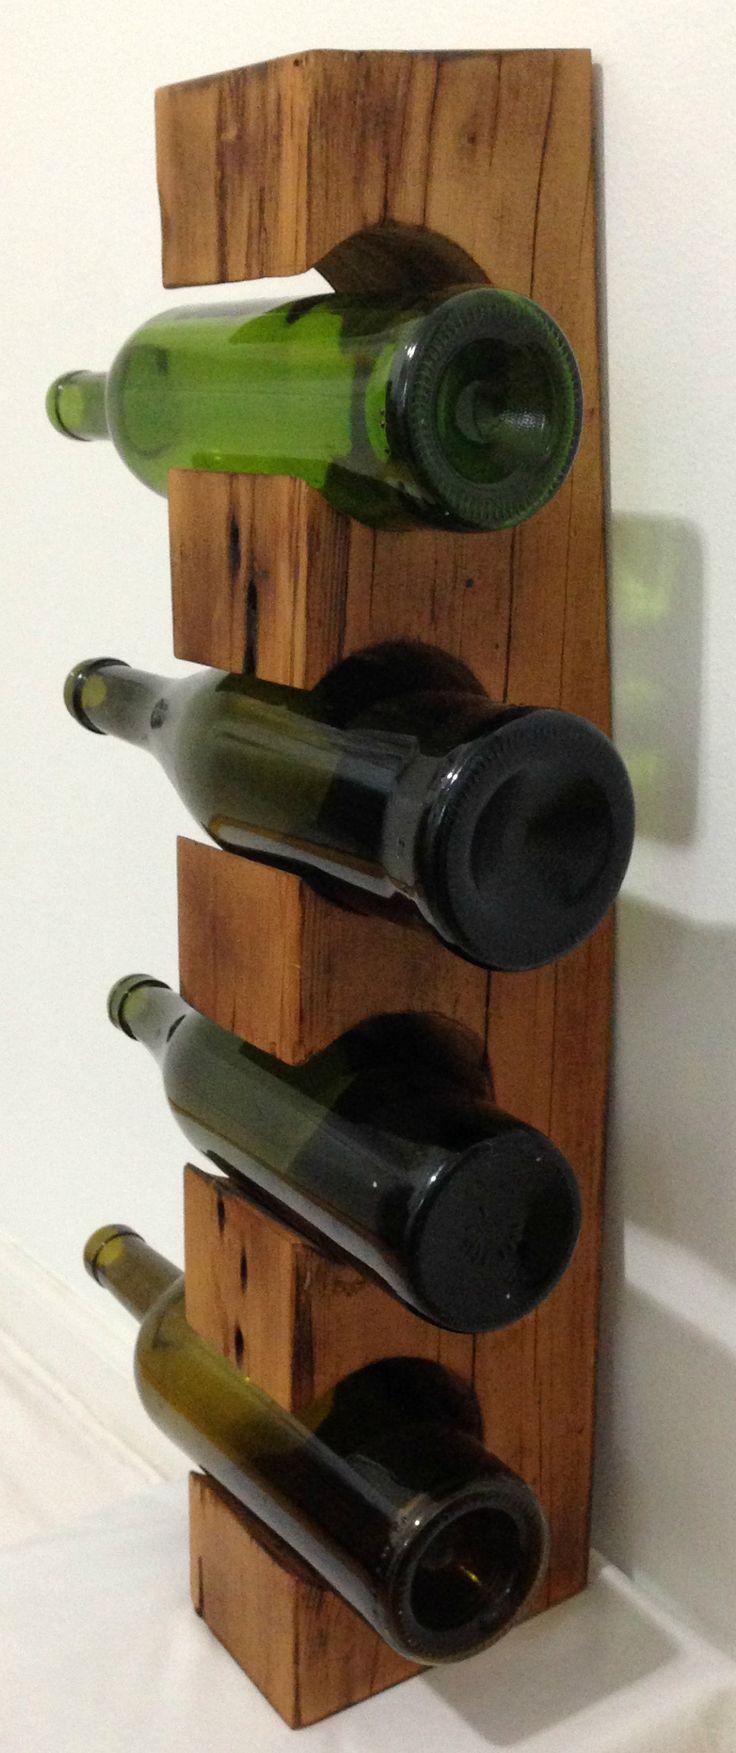 Handcrafted countertop wine rack #Hemlock #barnwood #reclaimed #handcrafted #wine #freestanding #decor #gift #MyCRO #WM